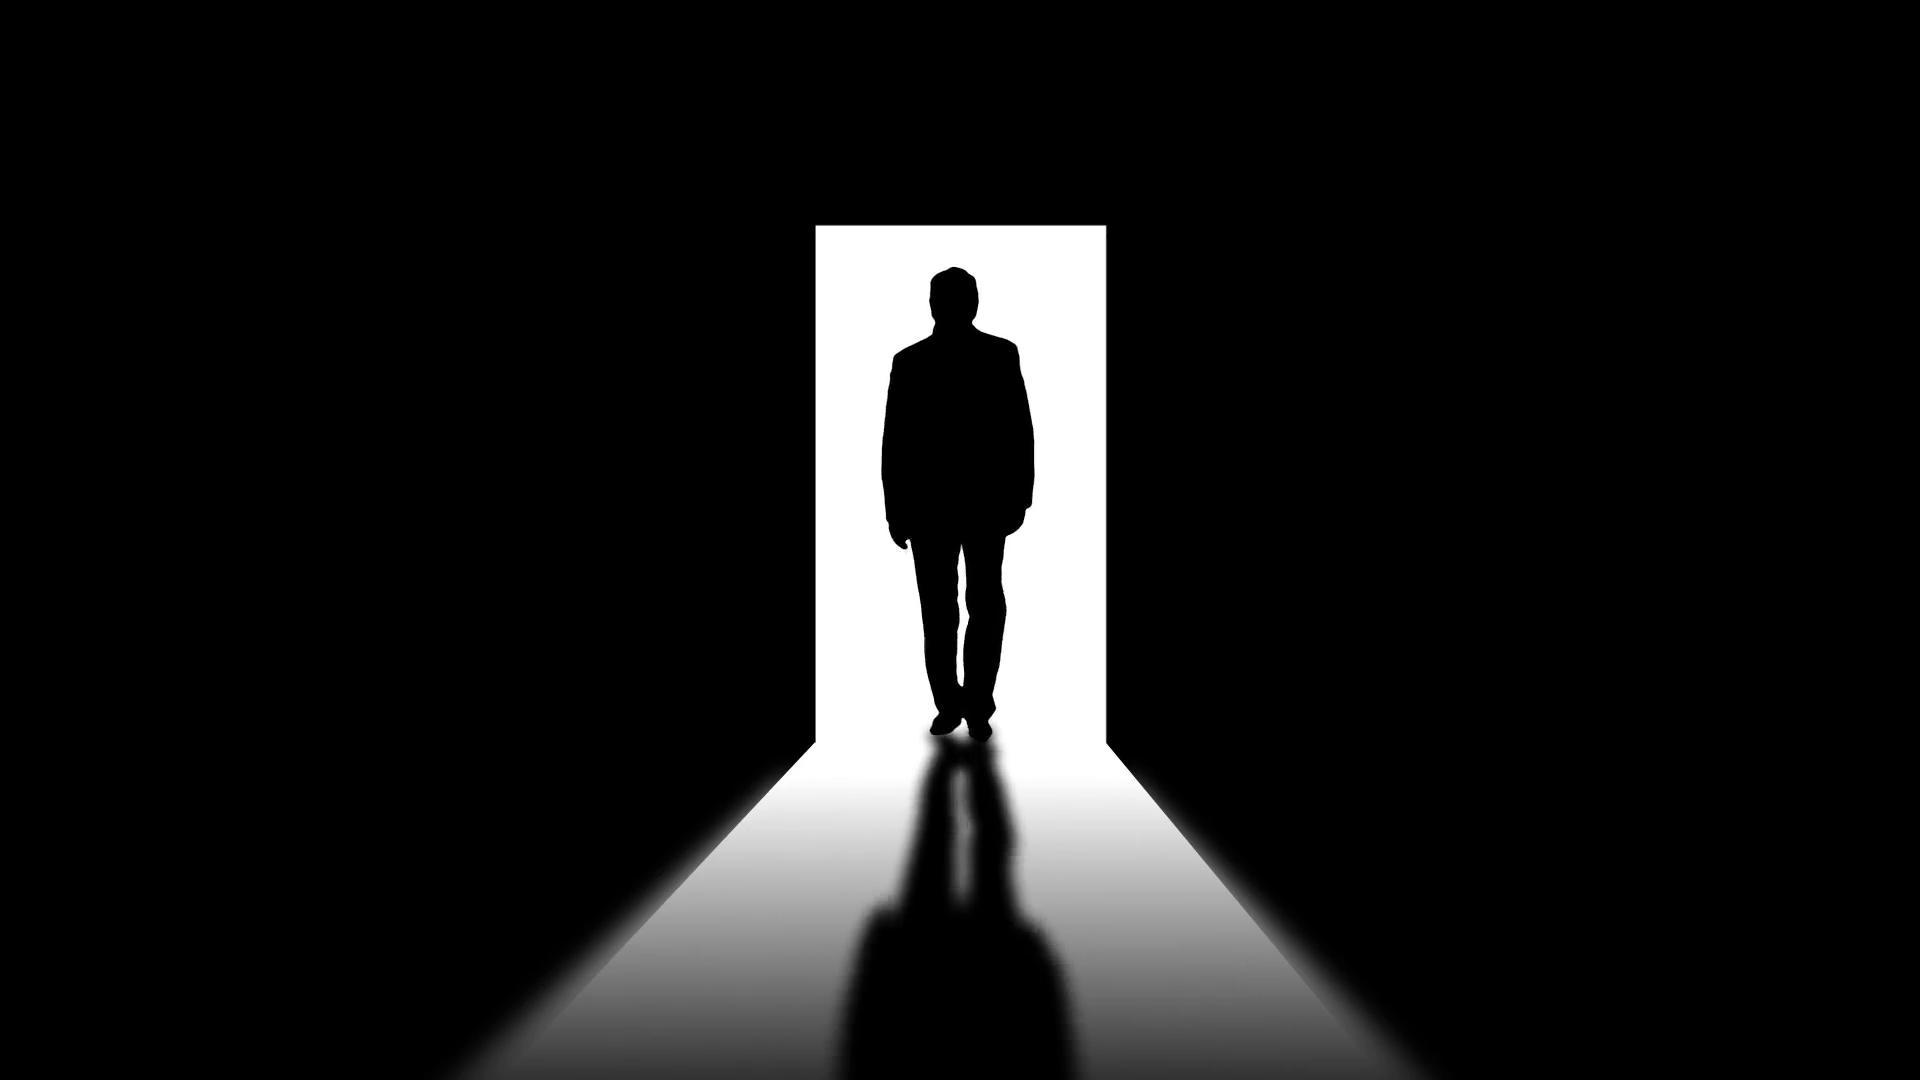 1920x1080 Male Silhouette In Opened Door. Silhouette Of Walking Men. Motion